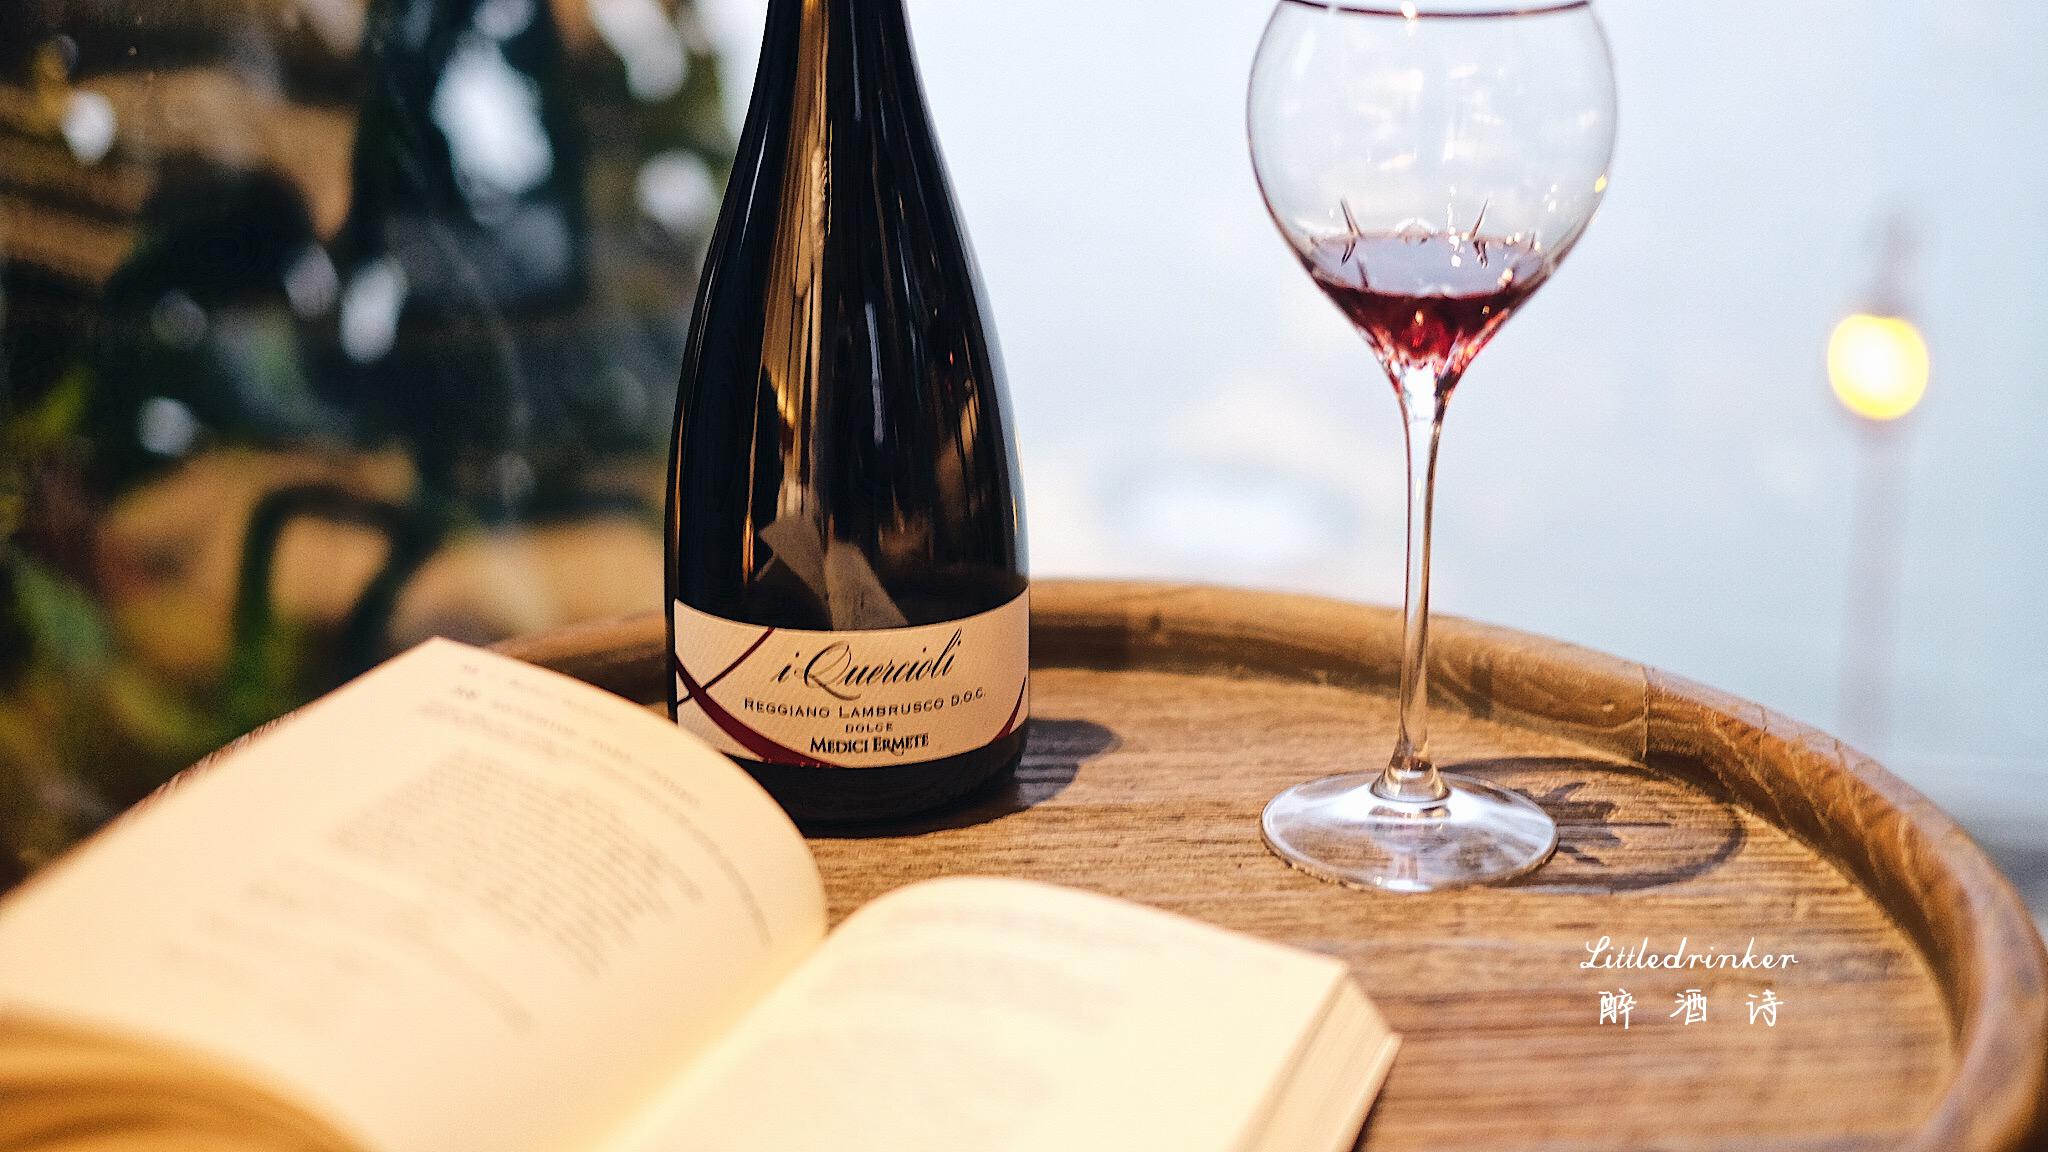 配餐棒 半甜红起泡葡萄酒 Lambrusco 超优质 意大利国民起泡酒